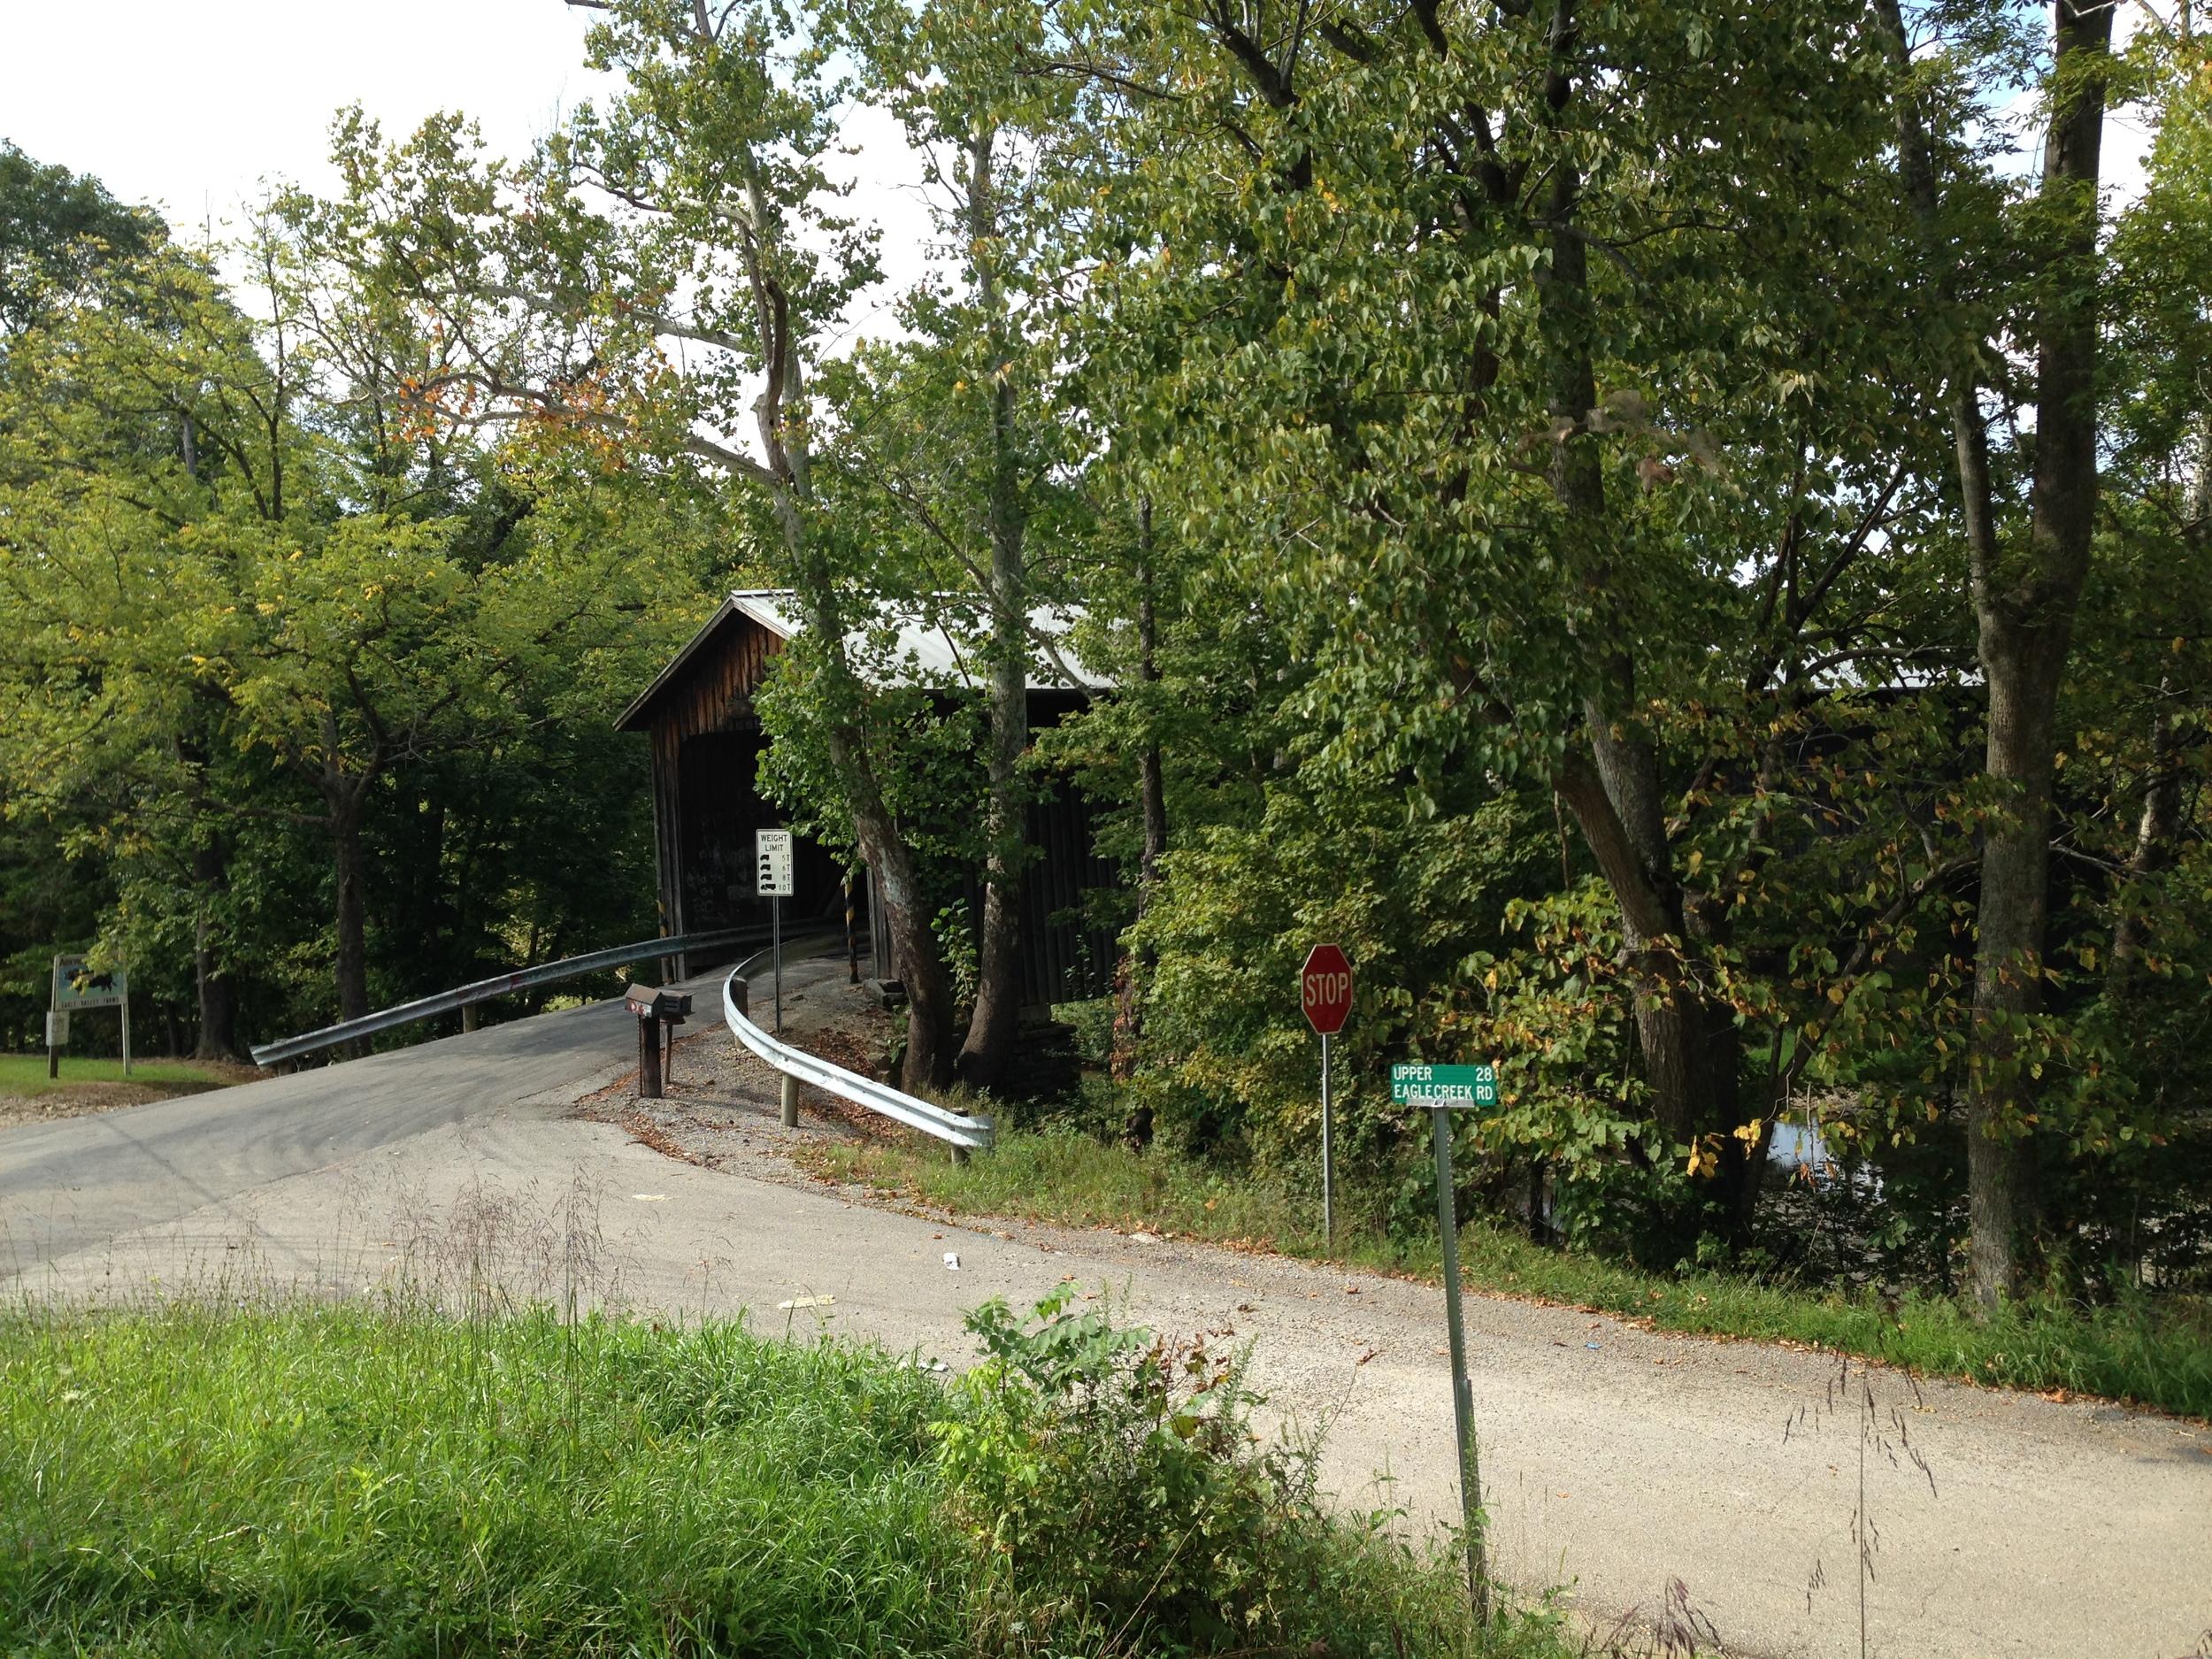 Entrance to North Pole Road Bridge